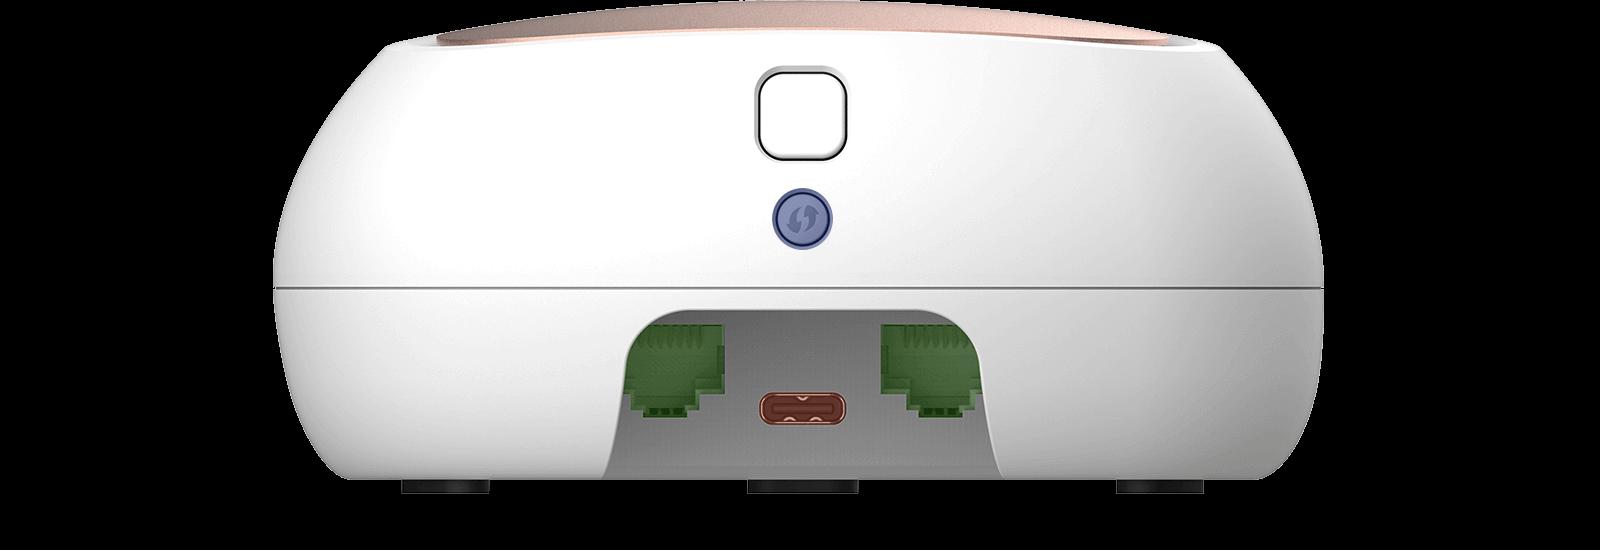 D-Link COVR-C1203 back image